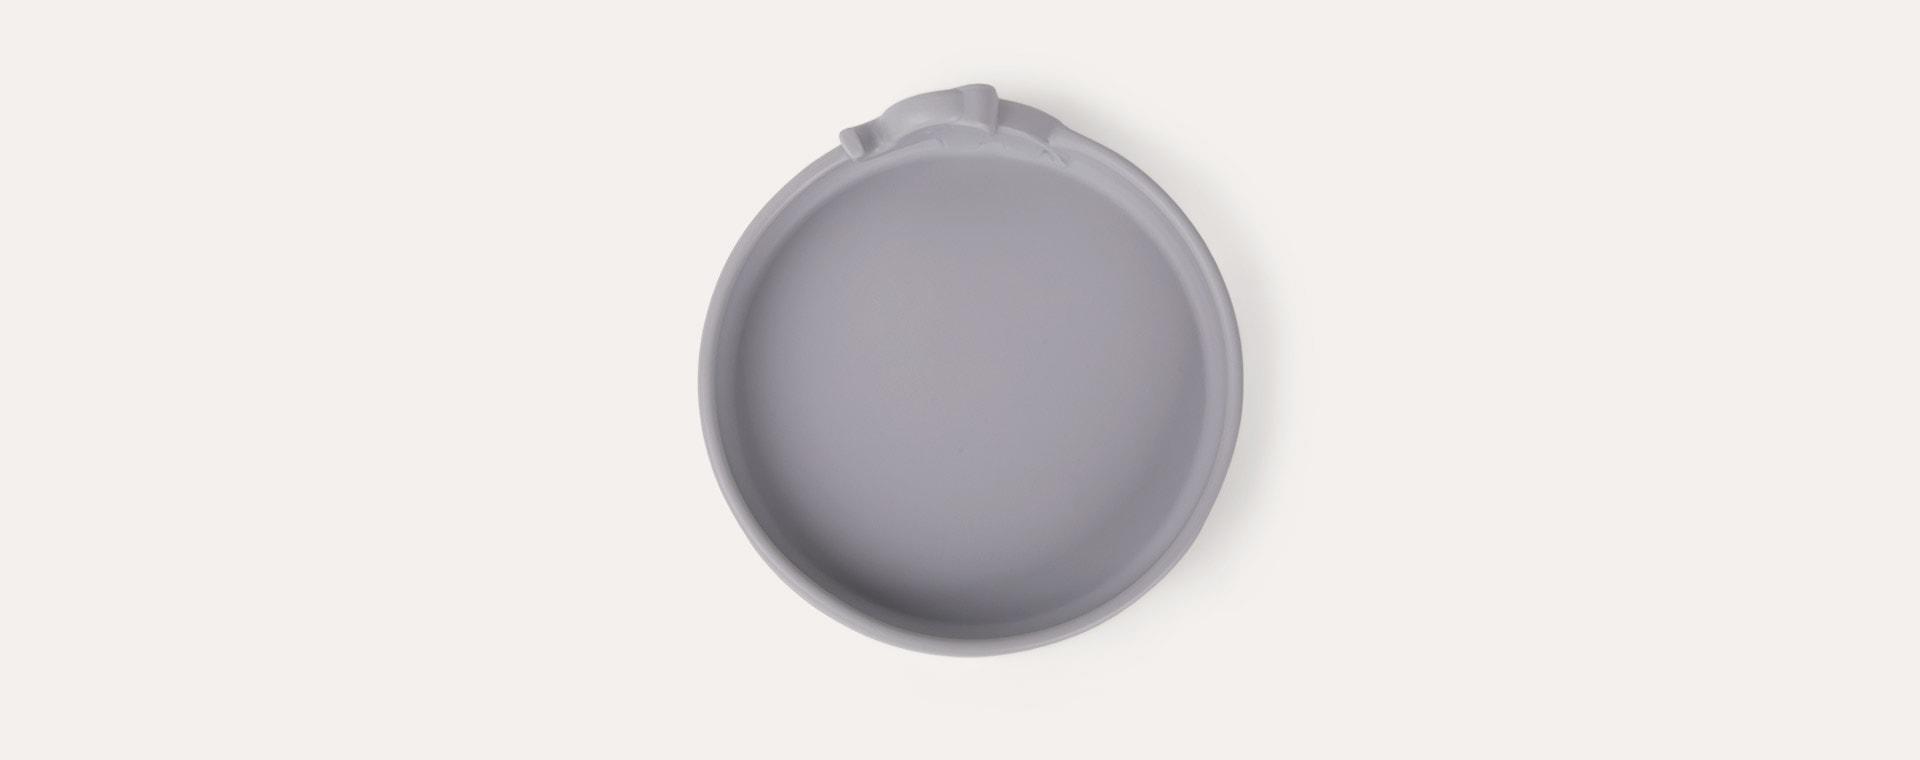 Grey Done By Deer Peekaboo Plate Elphee